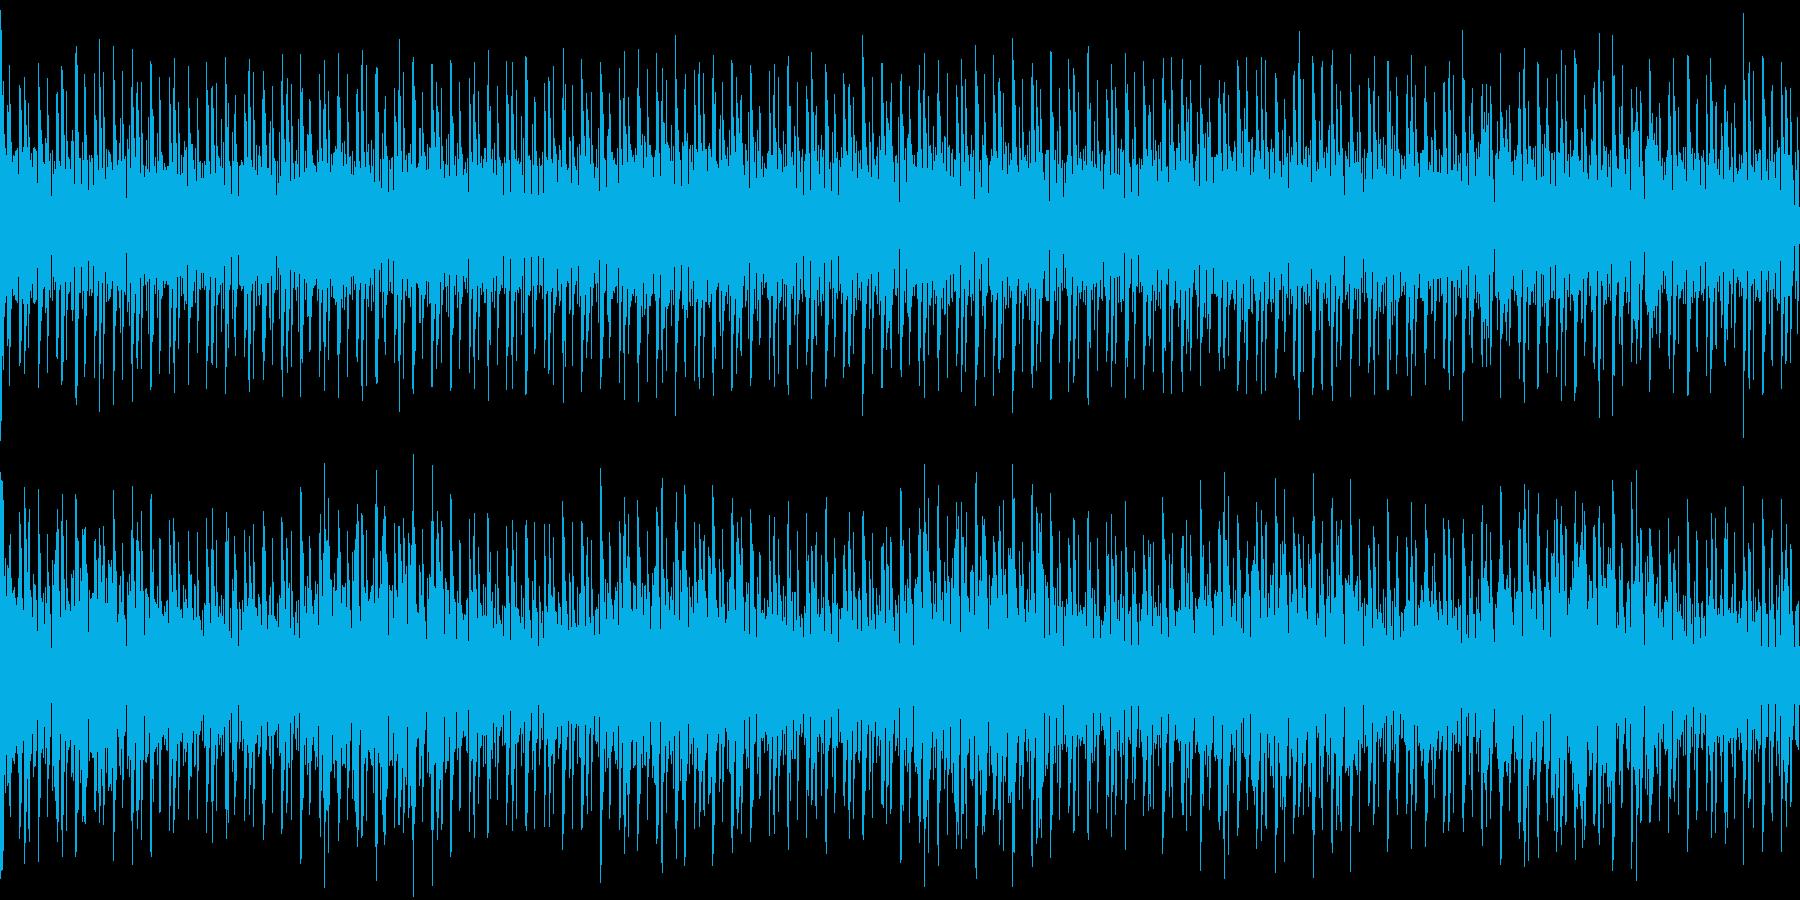 120bpm、ルートがBbなトランス調の再生済みの波形